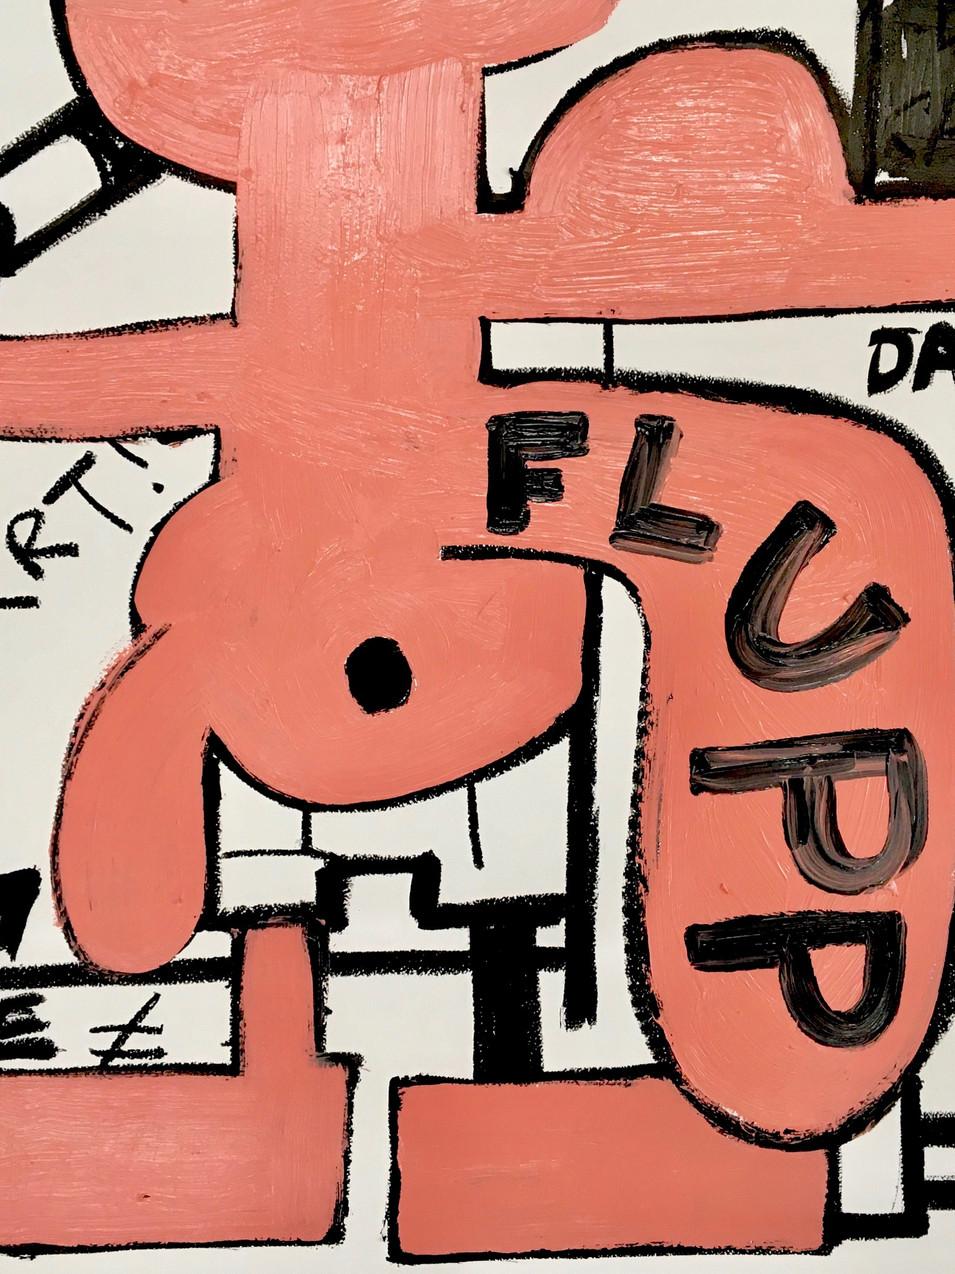 Oliver Kossack | Flotter Einer quasi sozusagen | Ölstick, MDF | 50 x 70 cm | 2500 Euro